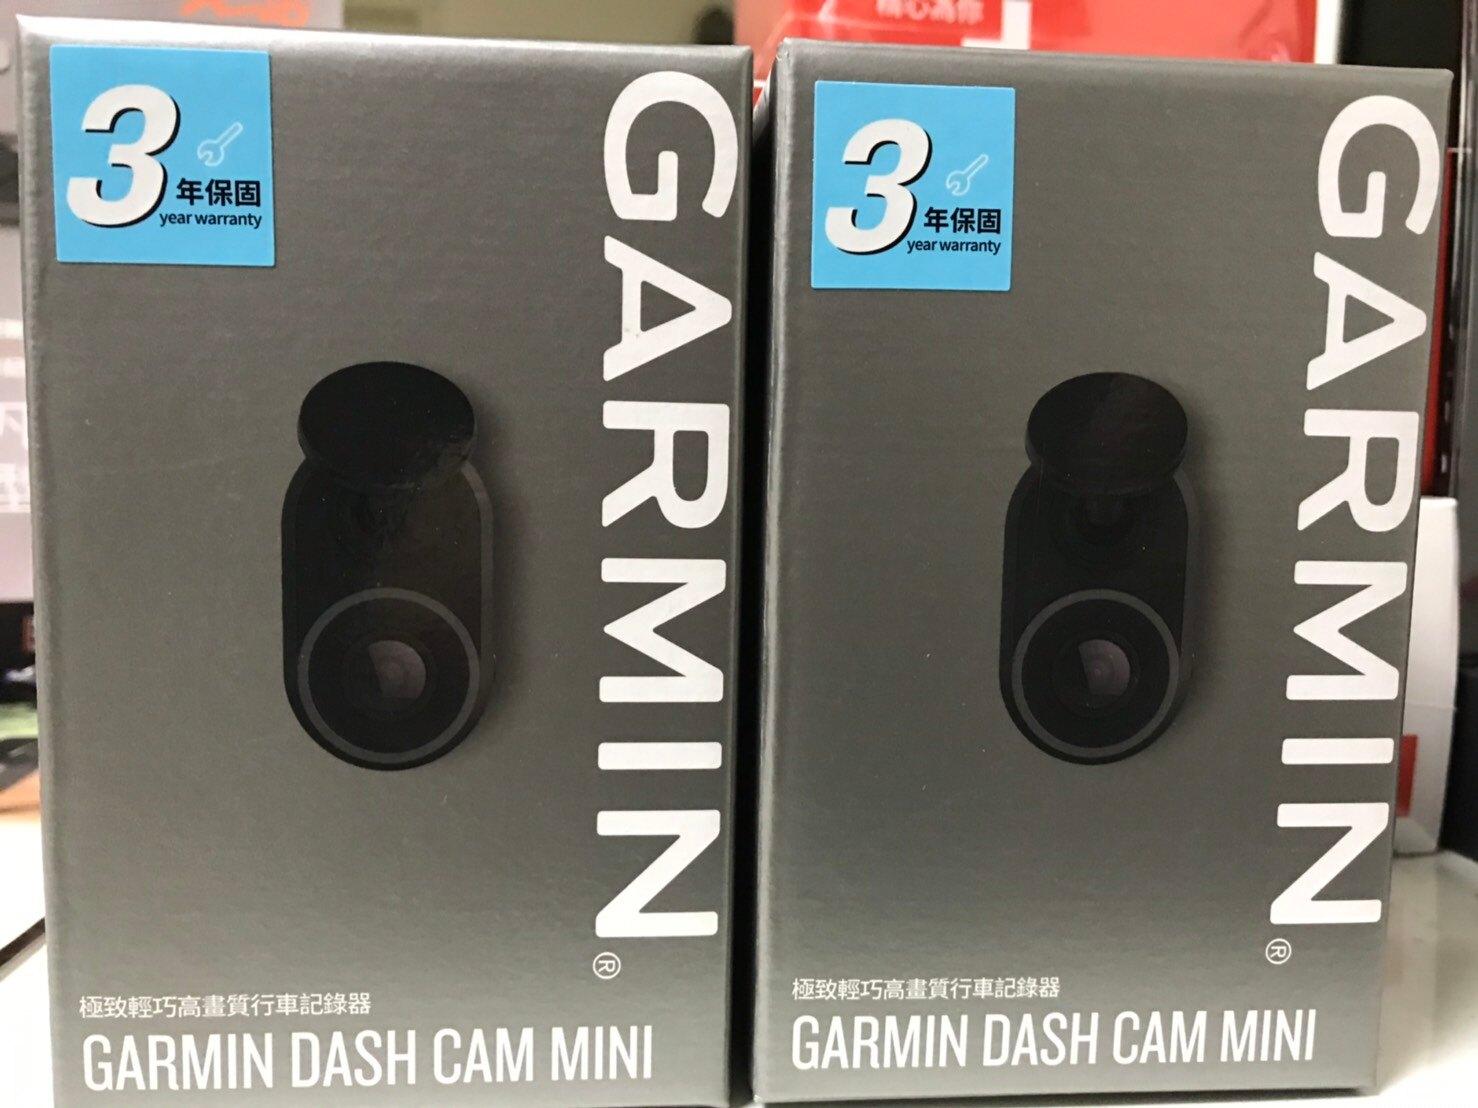 【現貨 含稅】Garmin Dash Cam Mini 140度 極致輕巧高畫質行車記錄器[含16G卡]台灣公司貨